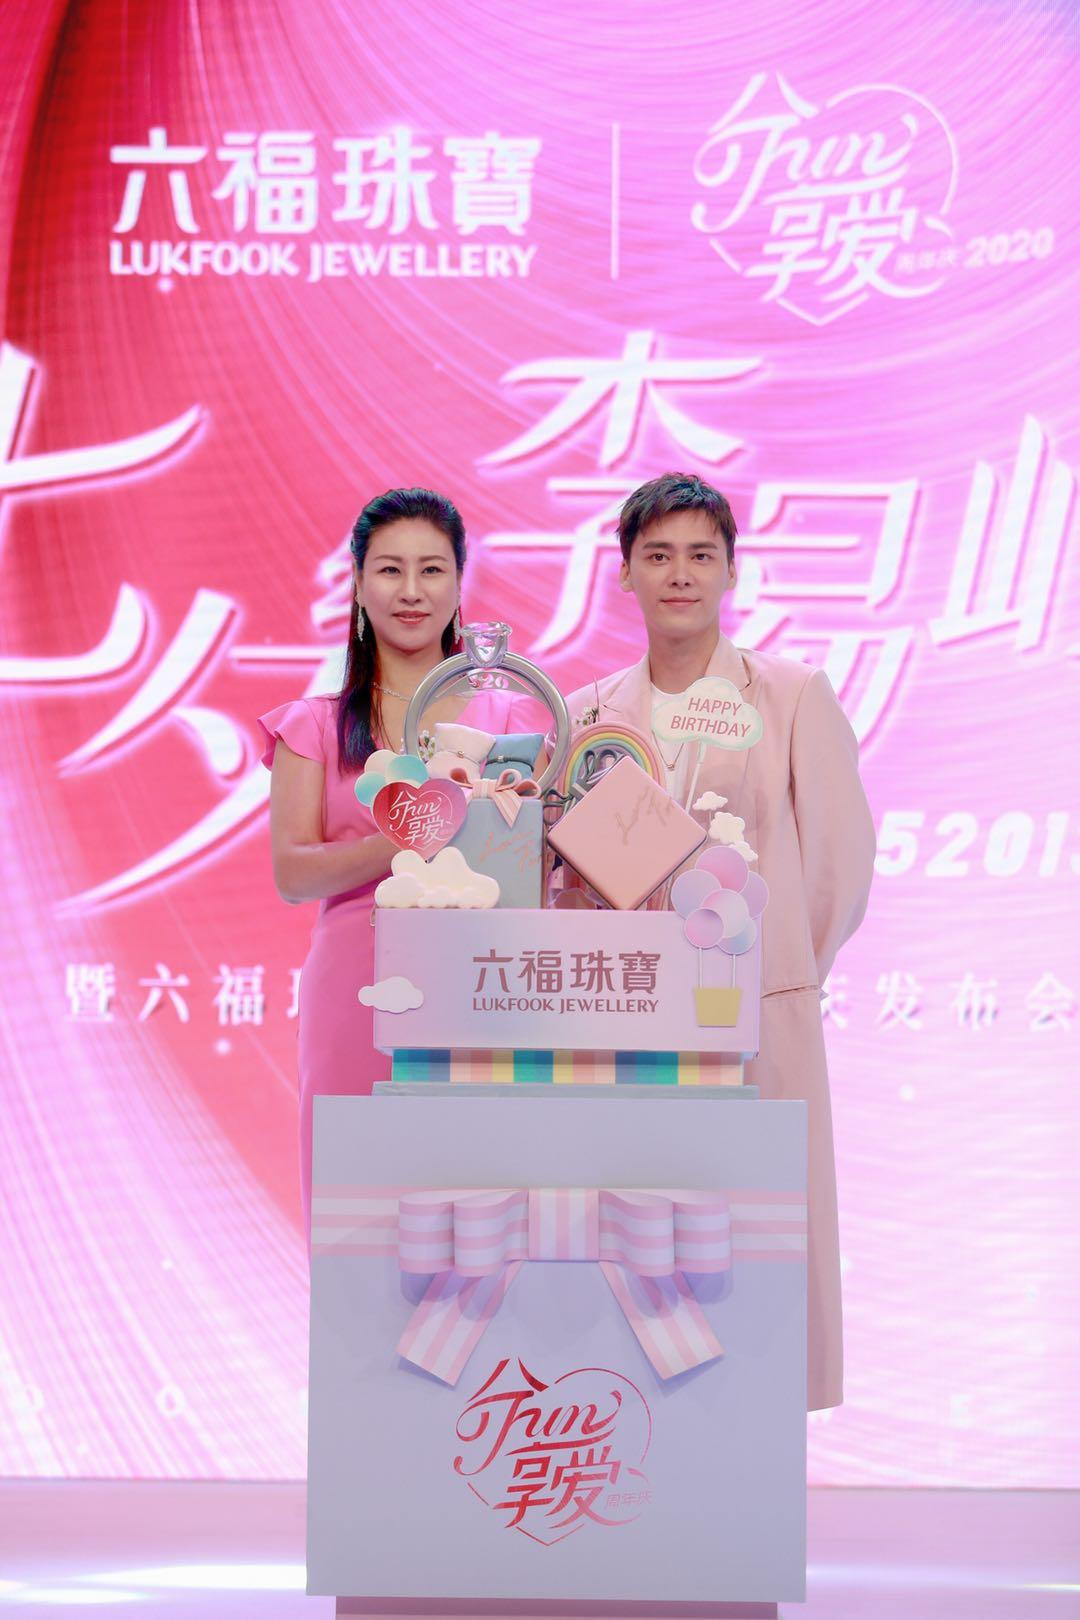 六福集团业务总监周嘉女士与李易峰共同完成庆生蛋糕